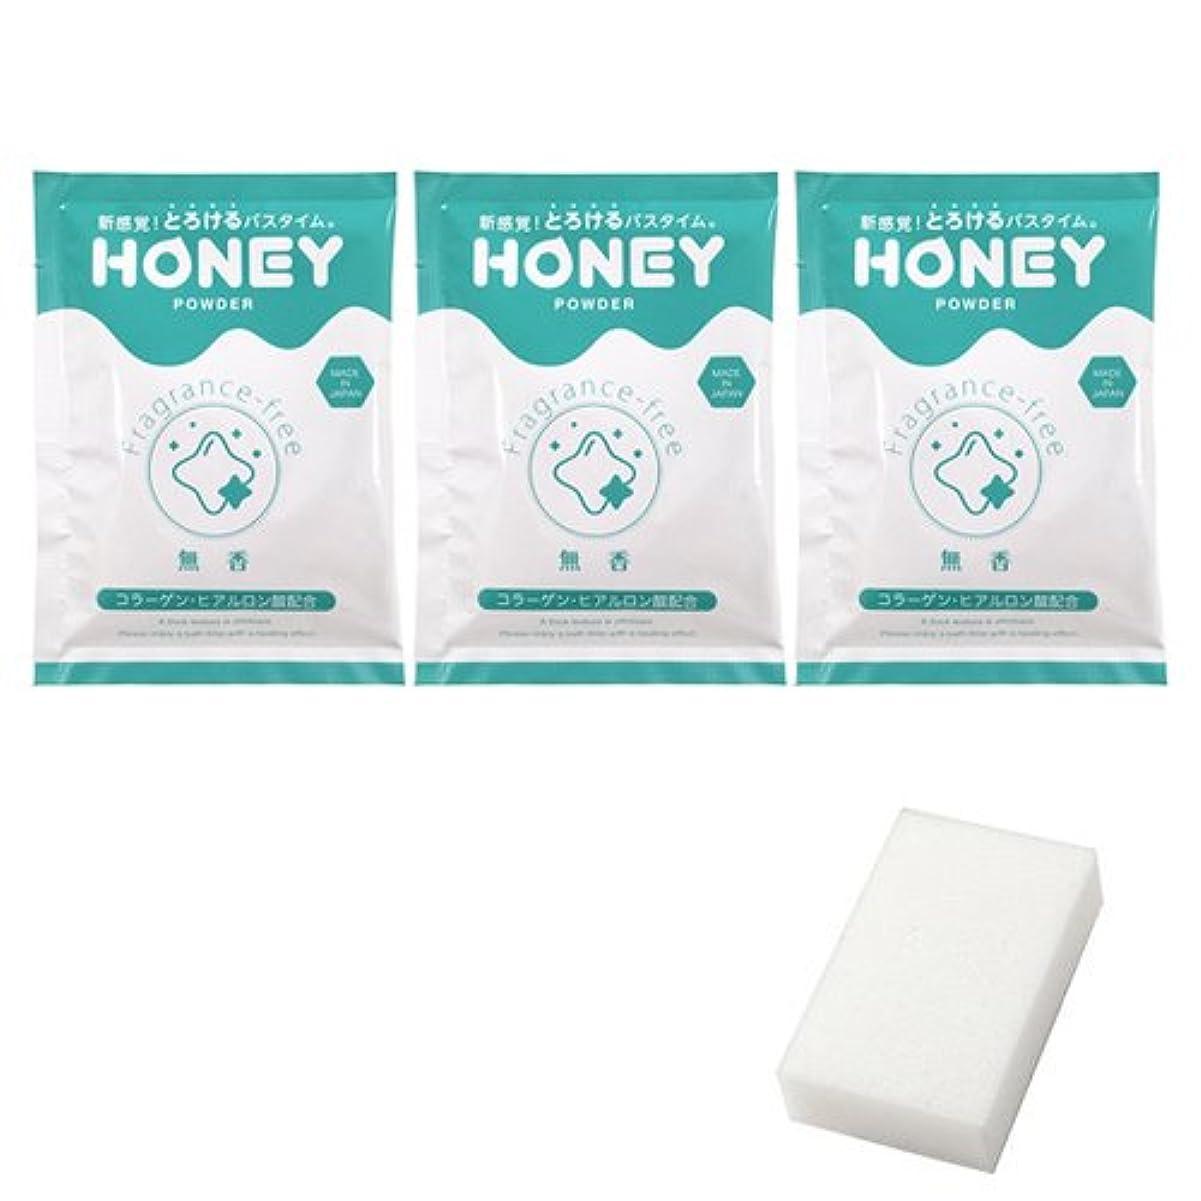 地雷原にもかかわらずキュービックとろとろ入浴剤【honey powder】(ハニーパウダー) 無香タイプ 3個セット + 圧縮スポンジセット